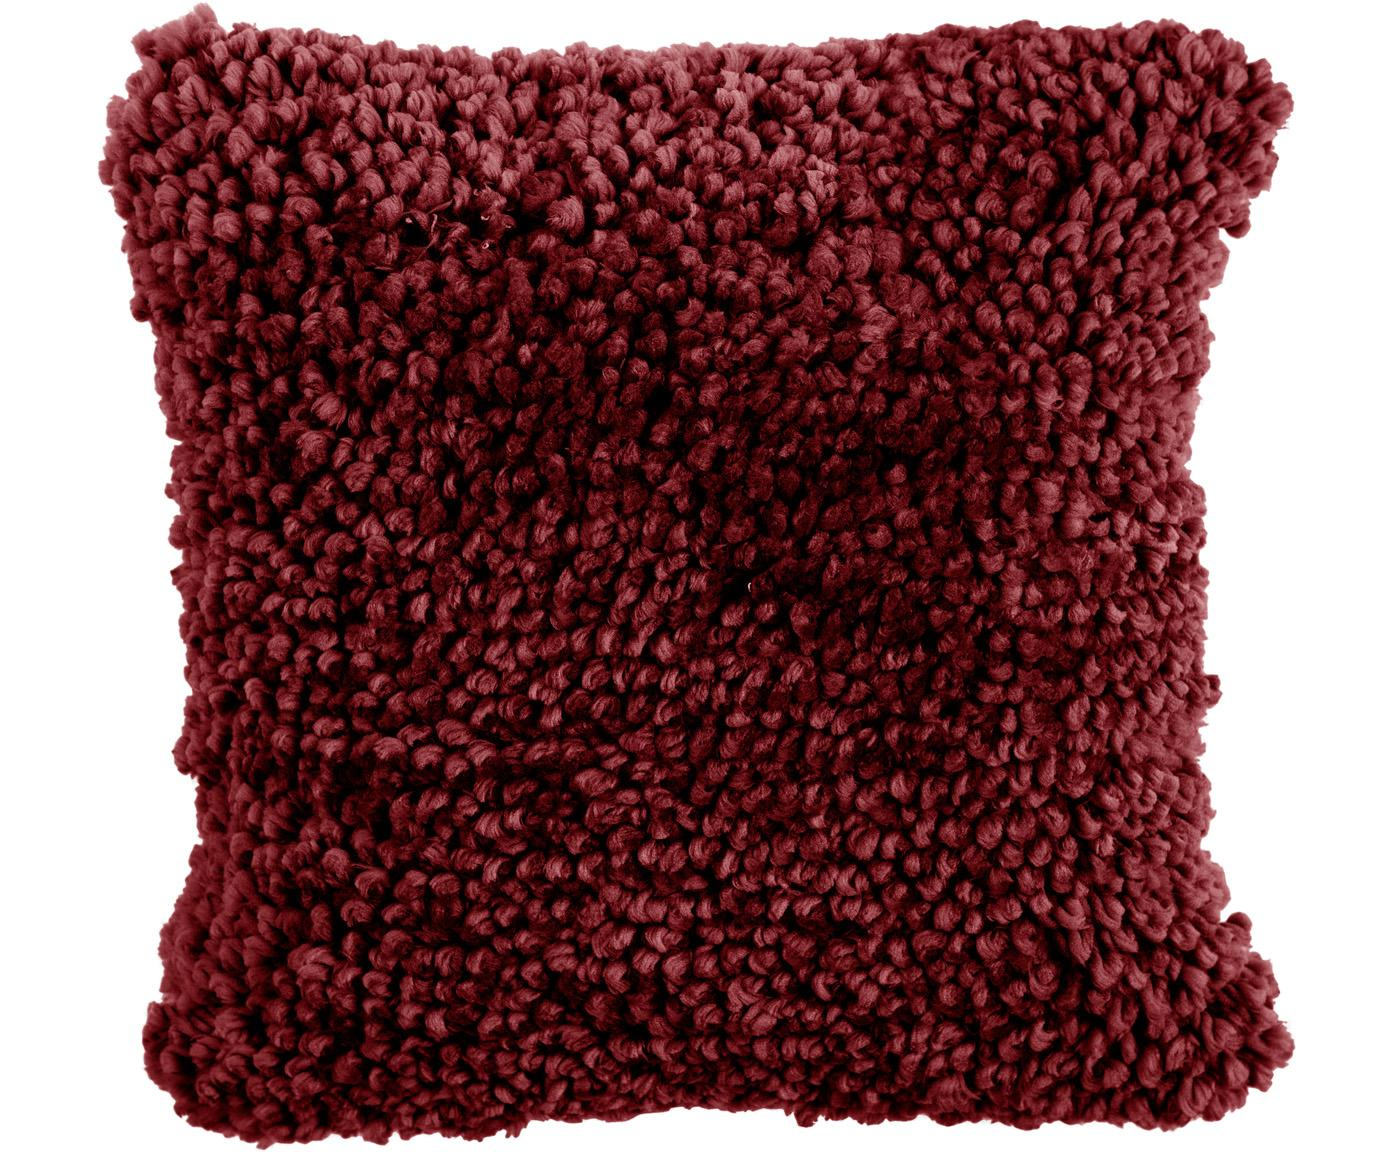 Kissen Oscar, mit Inlett, Bezug: 95% Baumwolle, 5% Acryl, Burgund, 50 x 50 cm